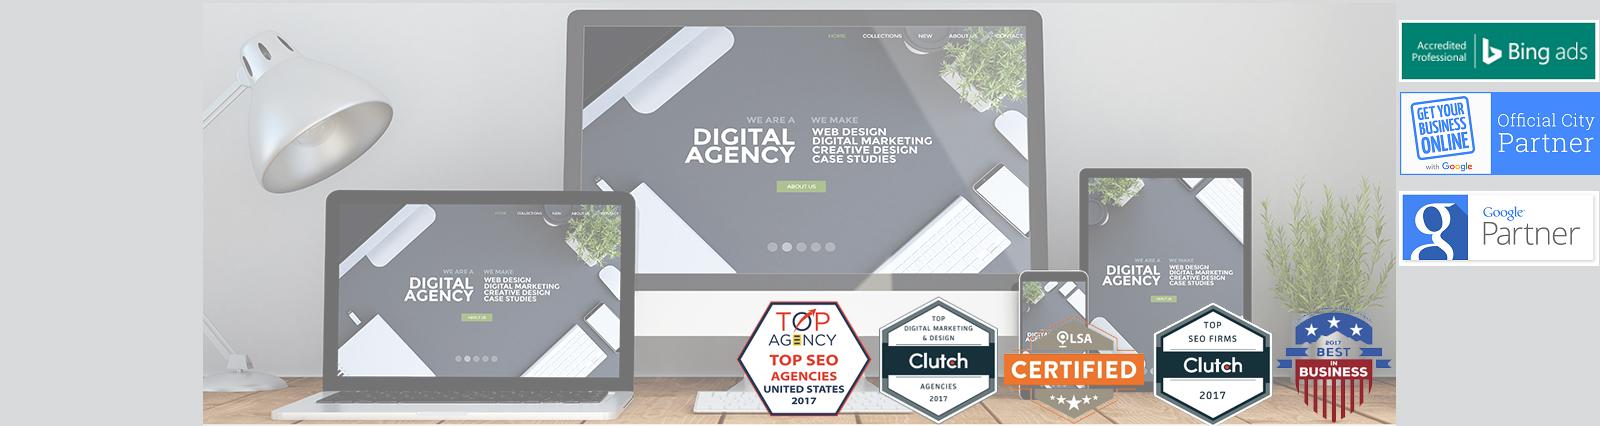 Infront Webworks Digital Agency